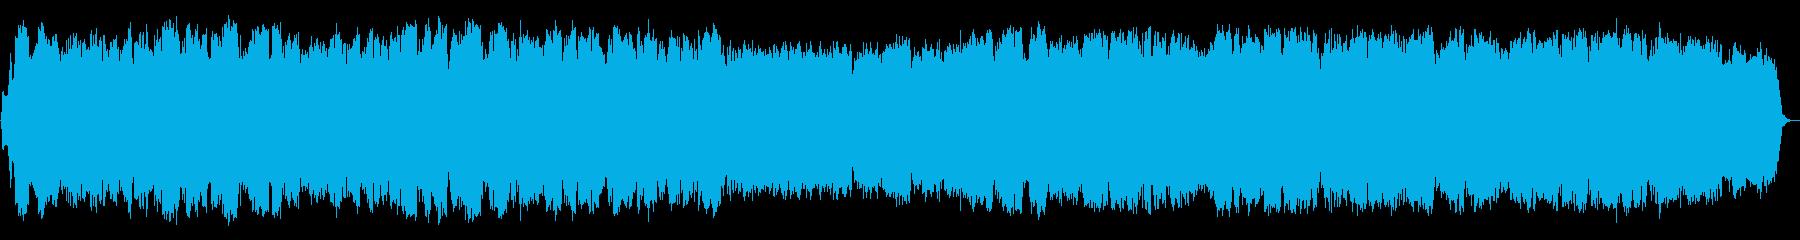 自然の揺らぎ 竹笛の即興音楽の再生済みの波形